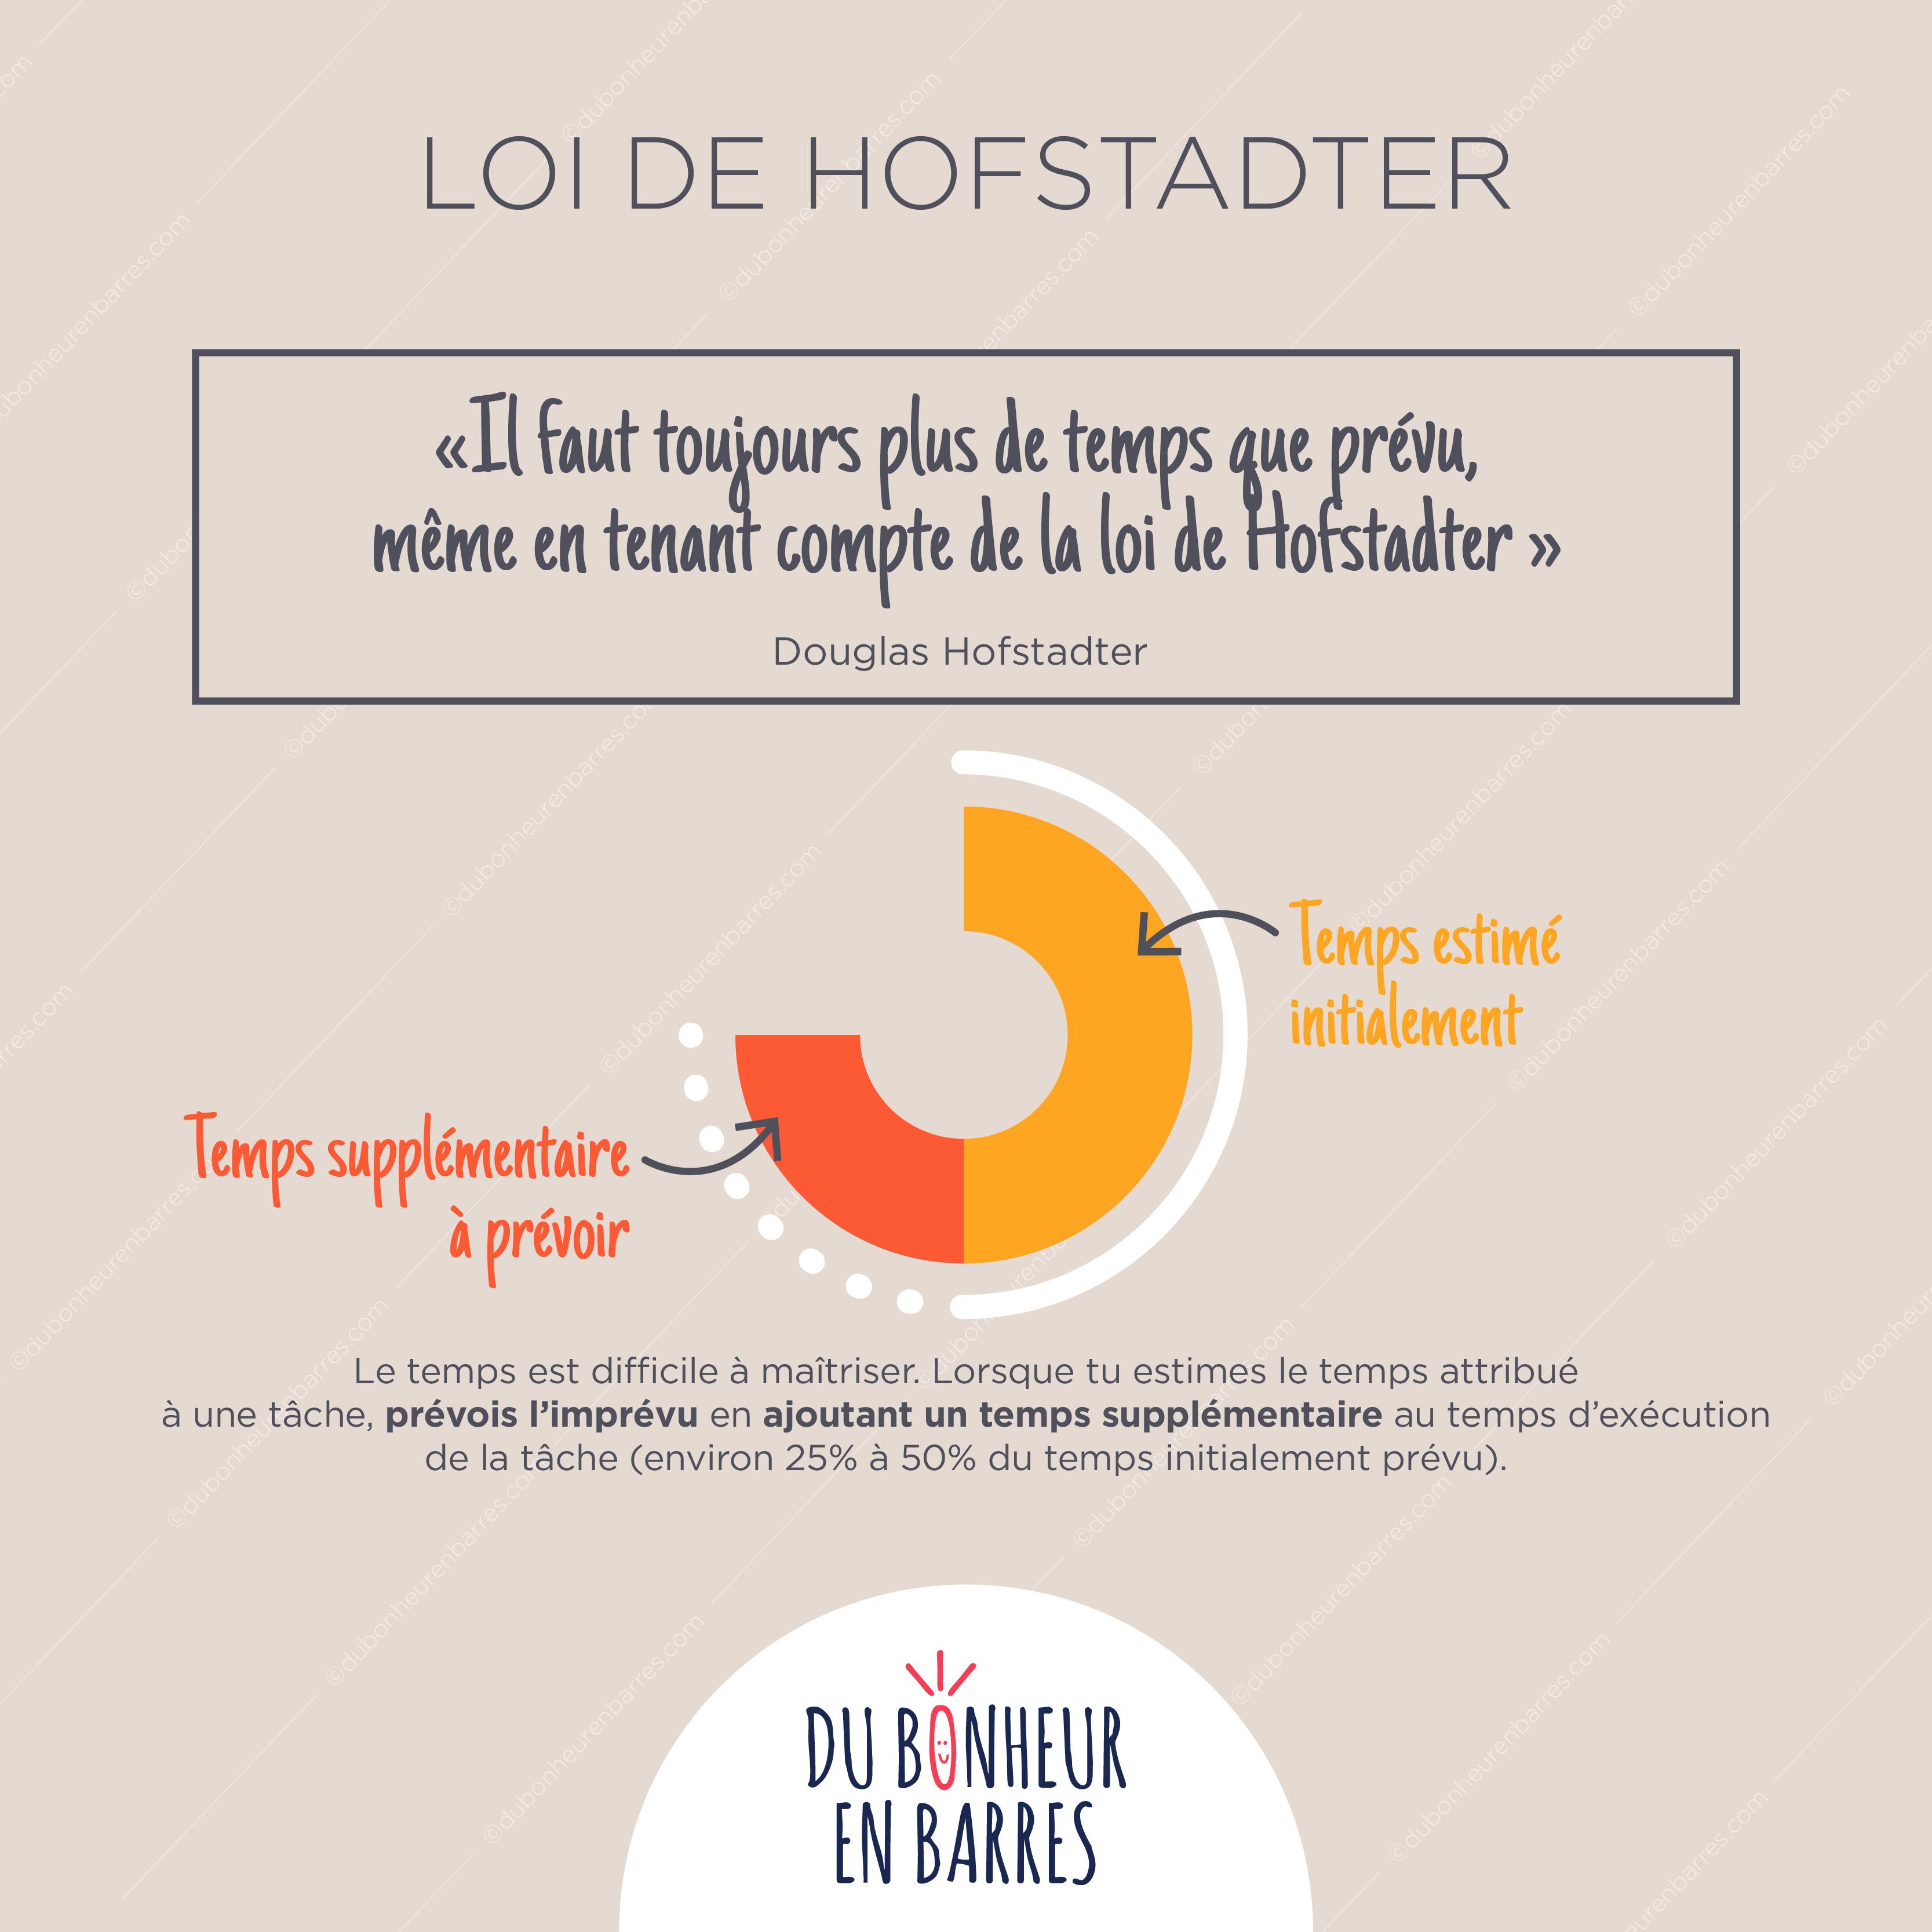 Loi de Hofstader